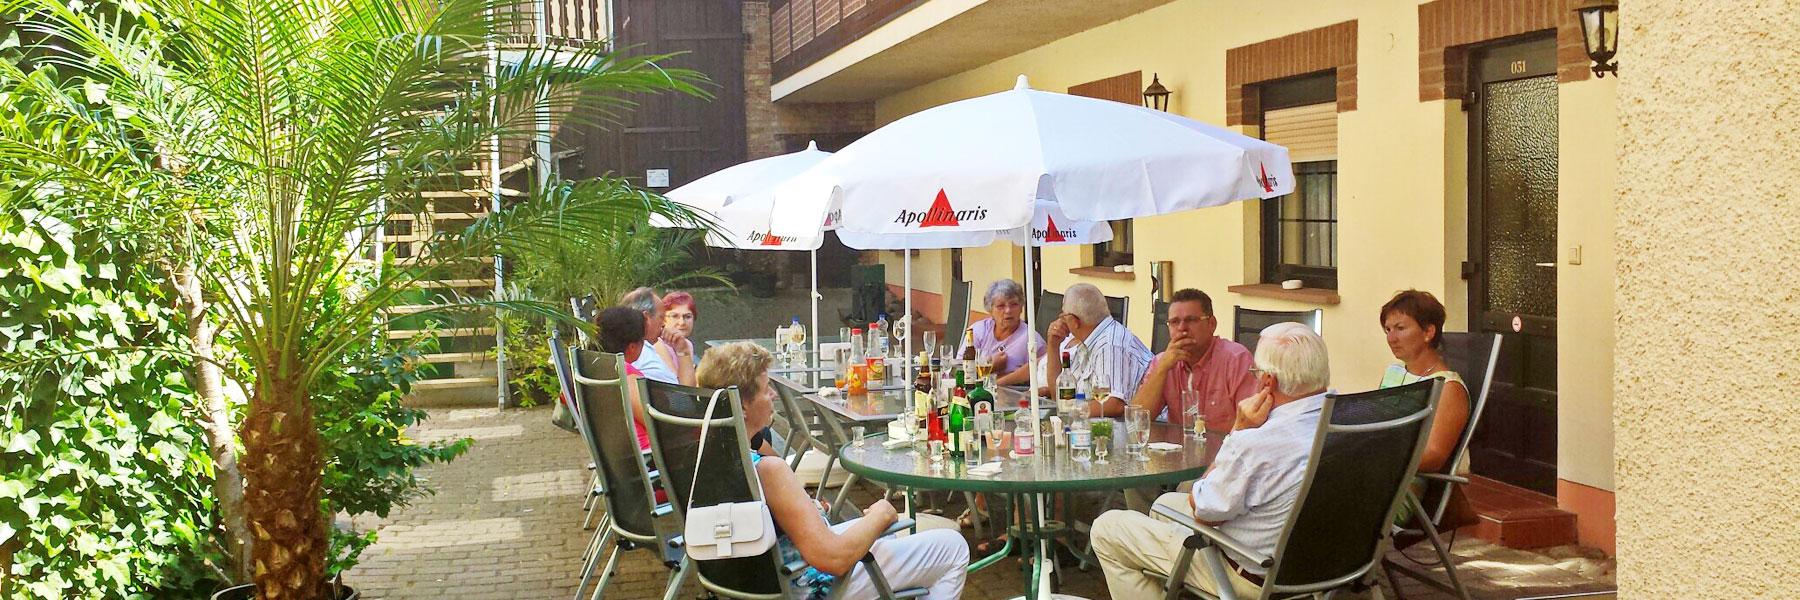 Innenhof - Hotel Haegert